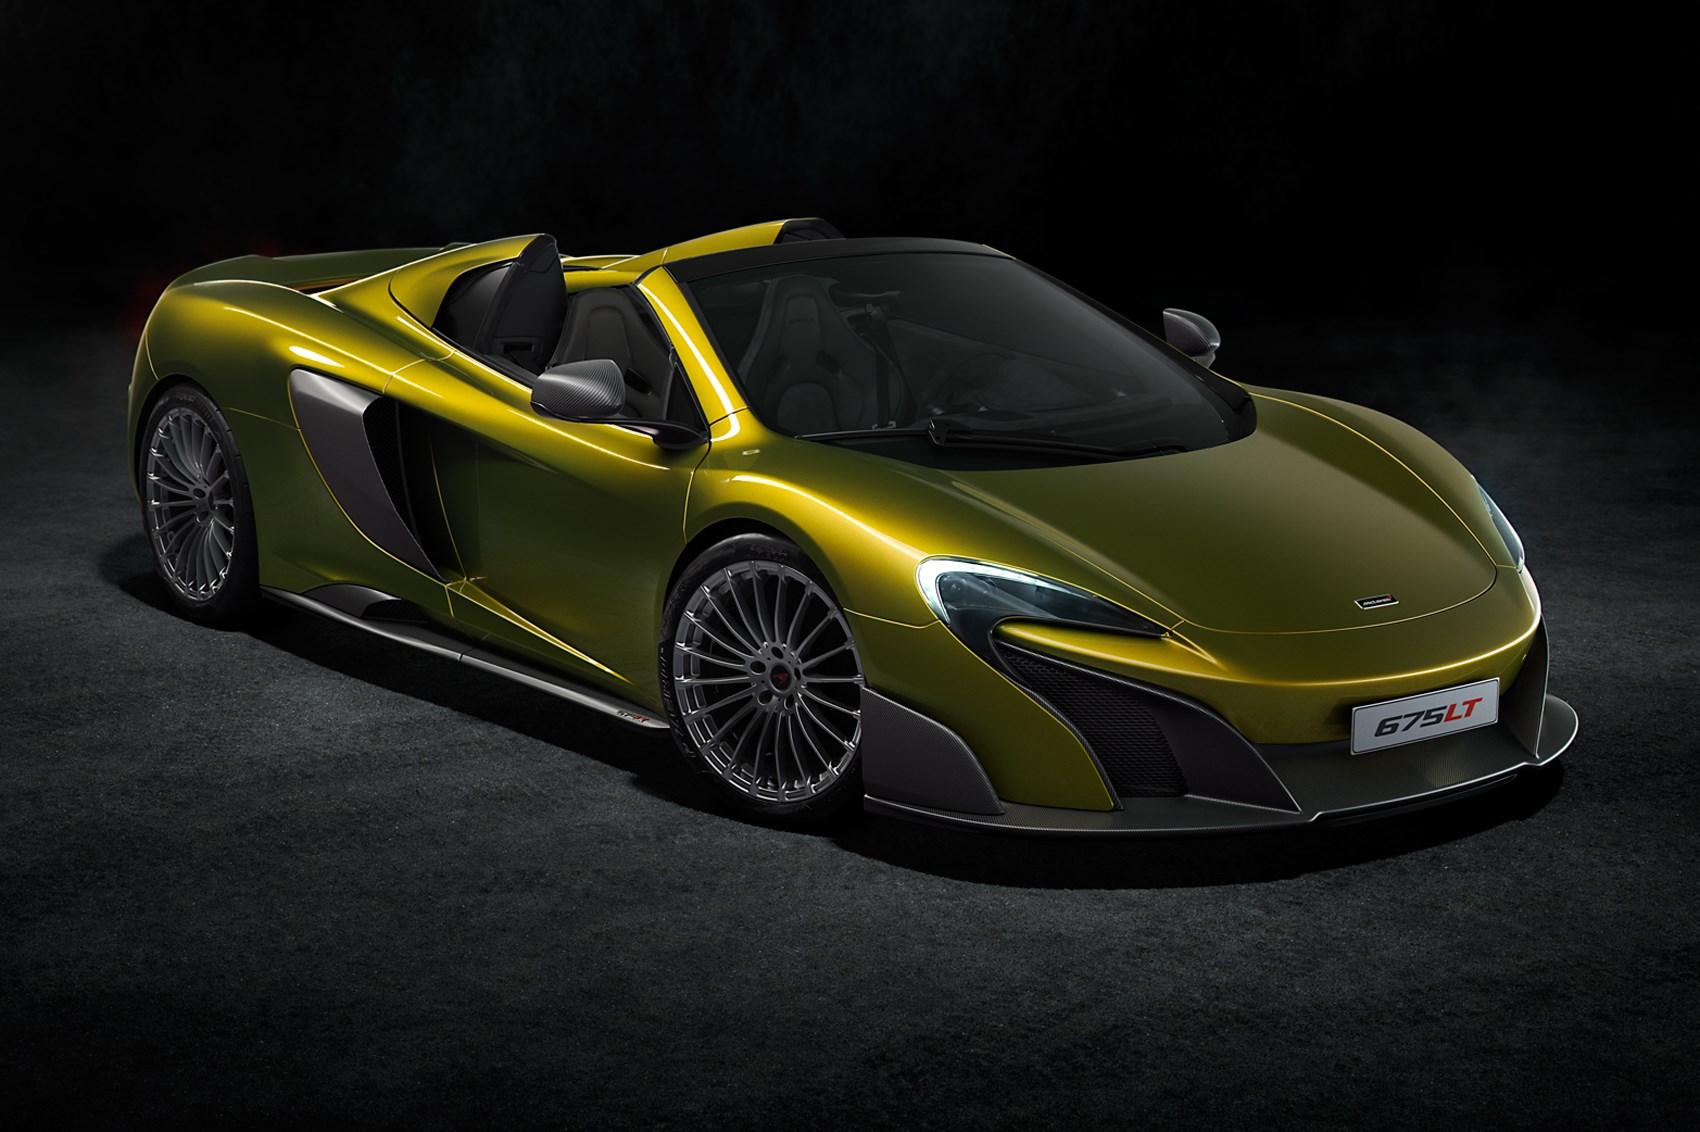 McLaren byłby dla Apple'a idealny. Wiem, bo byłem i widziałem